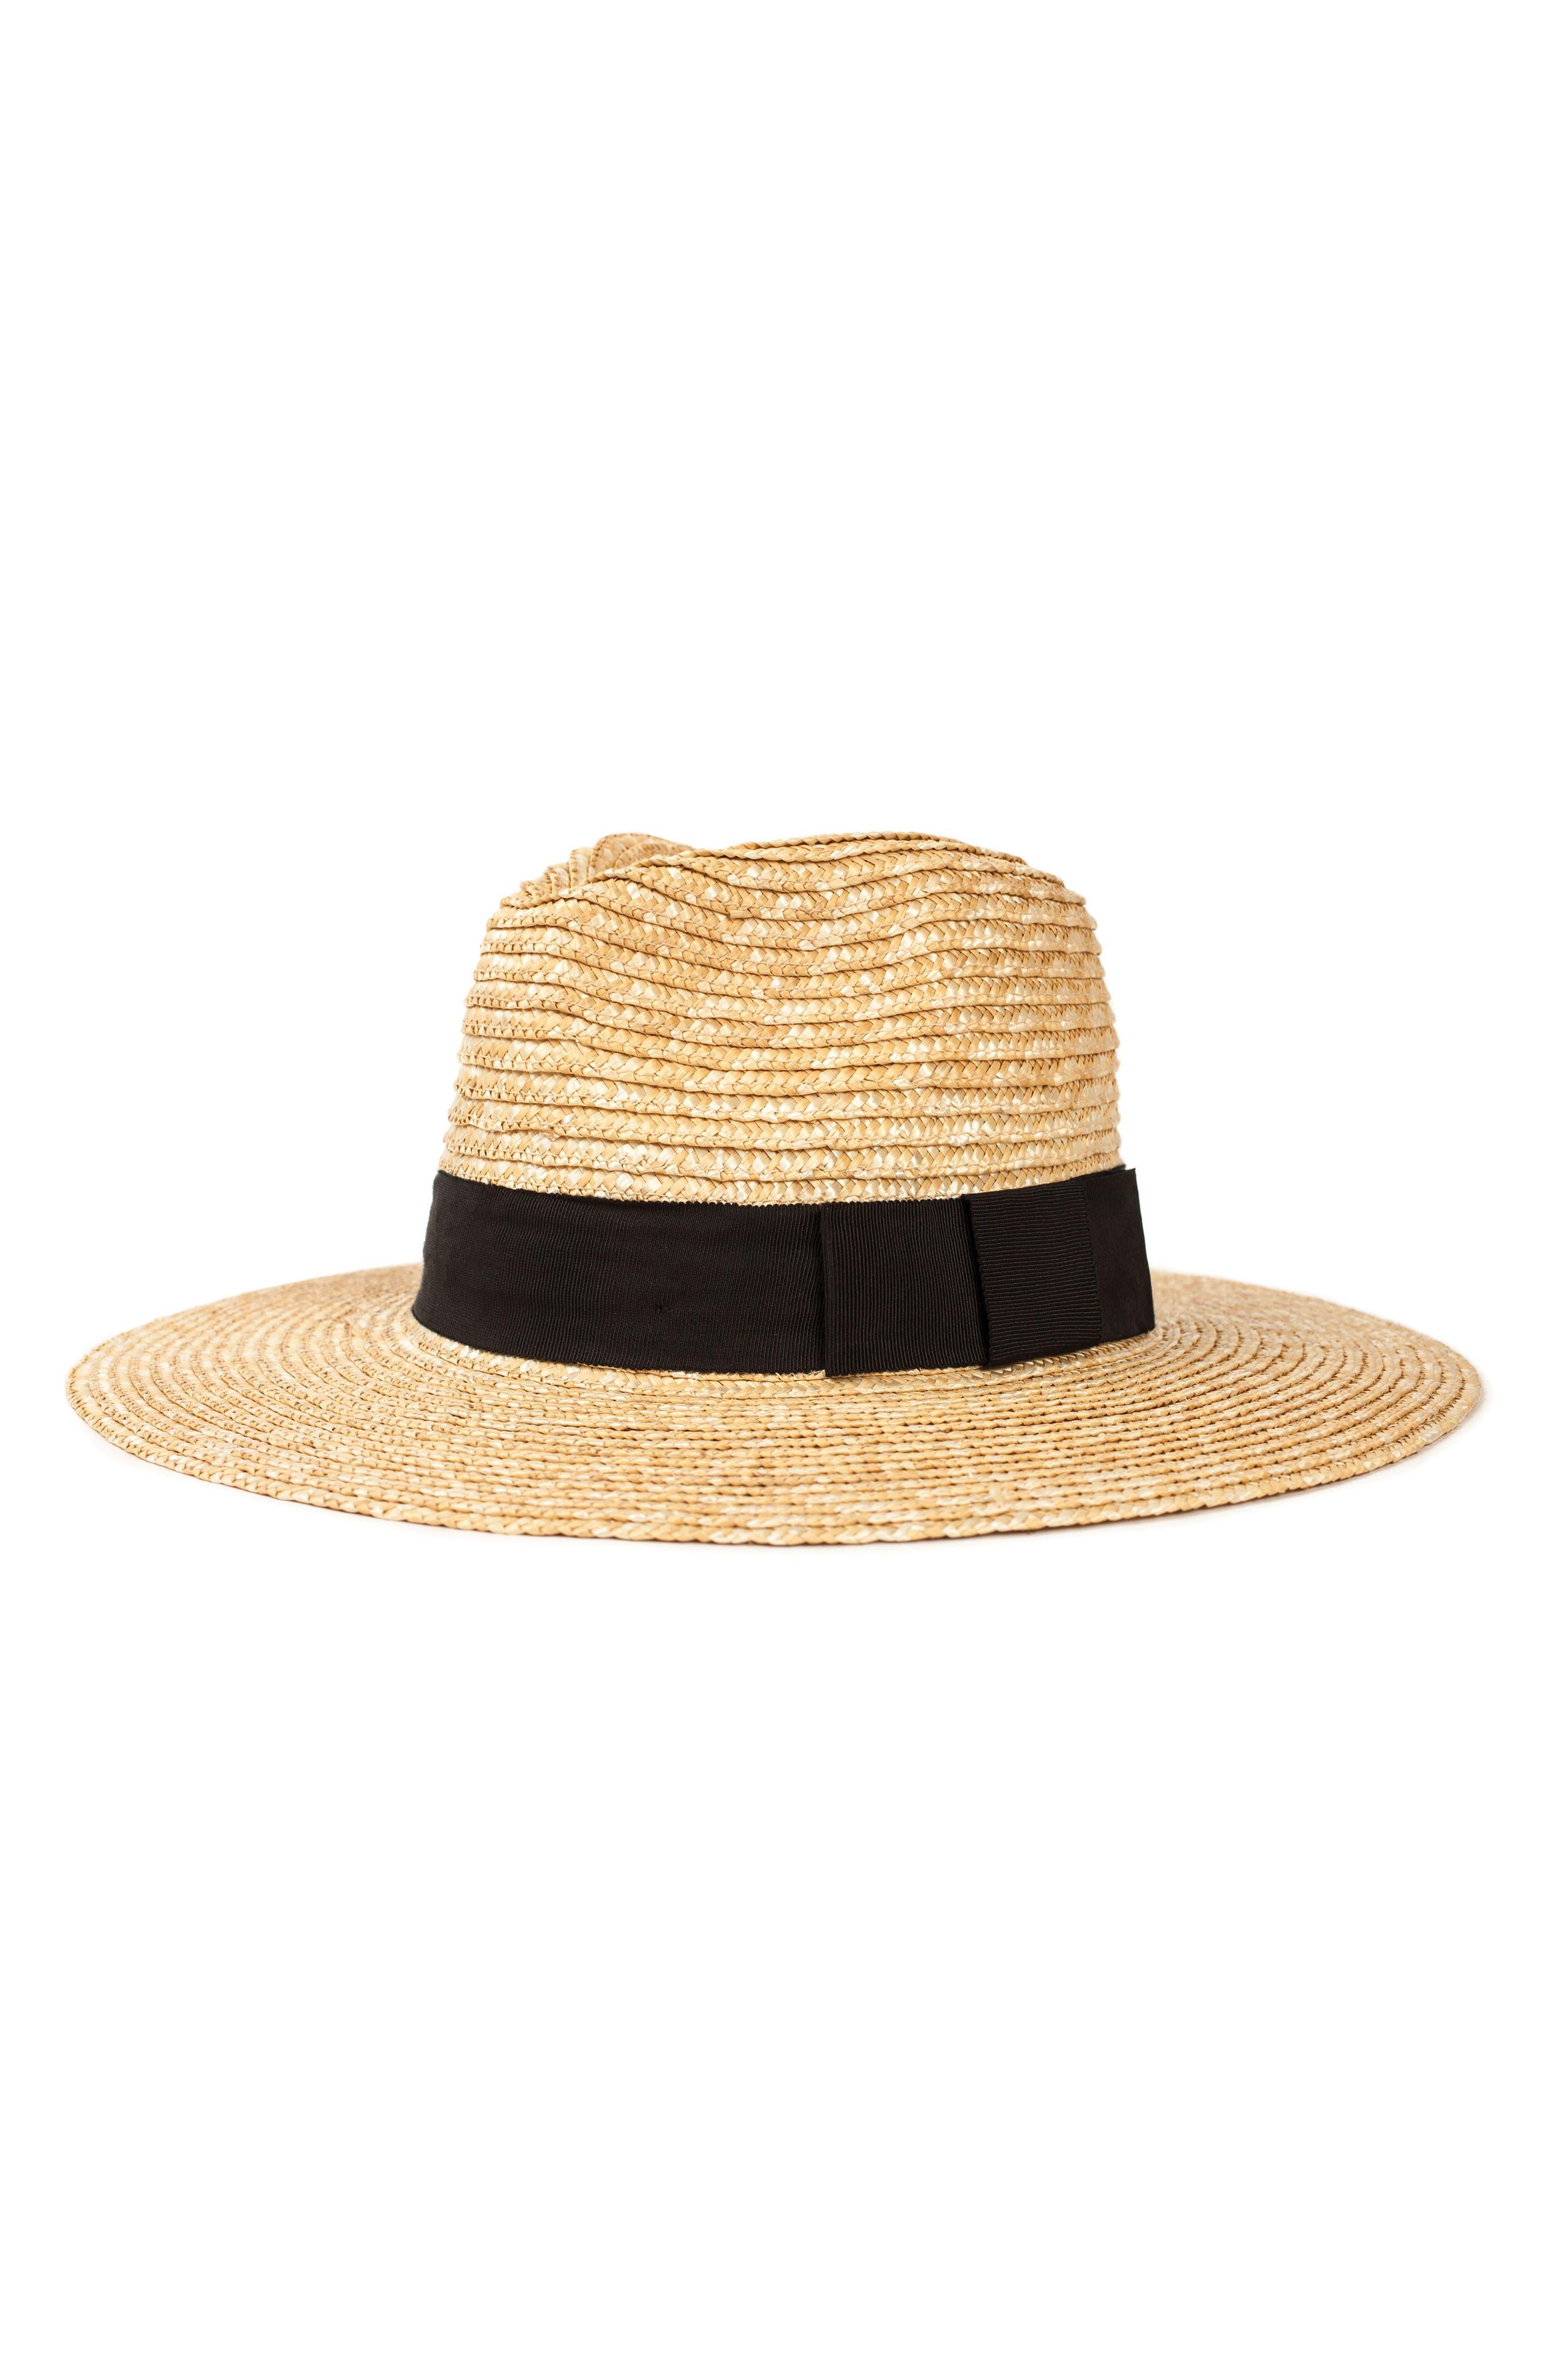 'Joanna' Straw Hat,                         Main,                         color, Honey